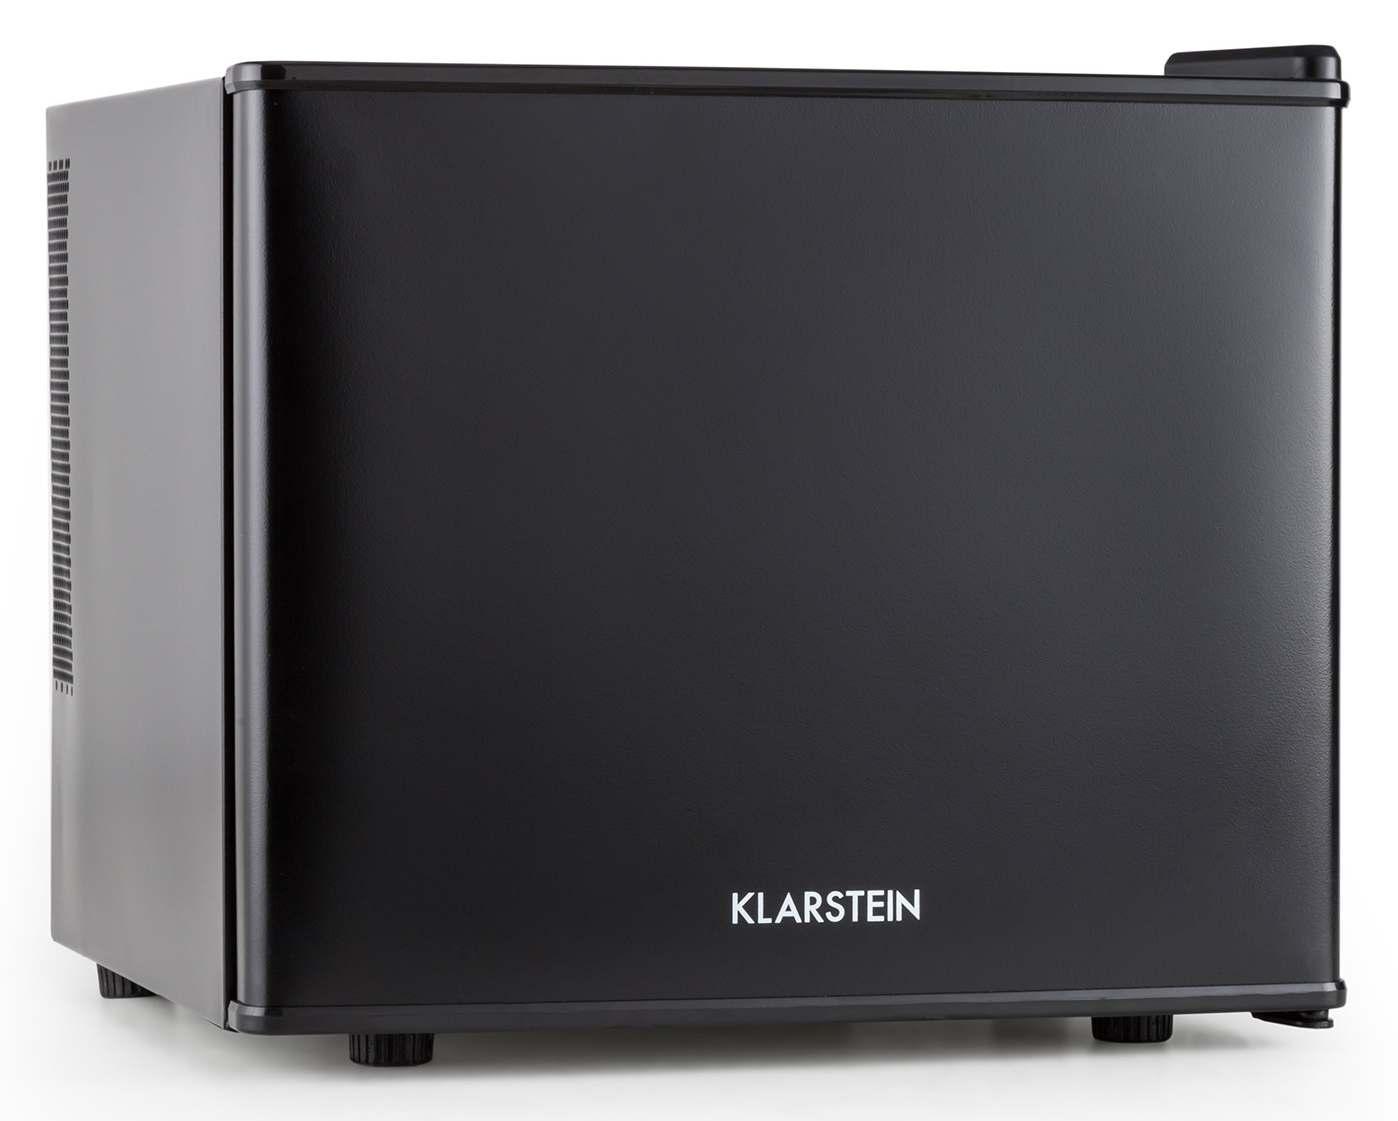 Kühlschrank Für Minibar : Klarstein mini kühlschrank geheimversteck platzsparend